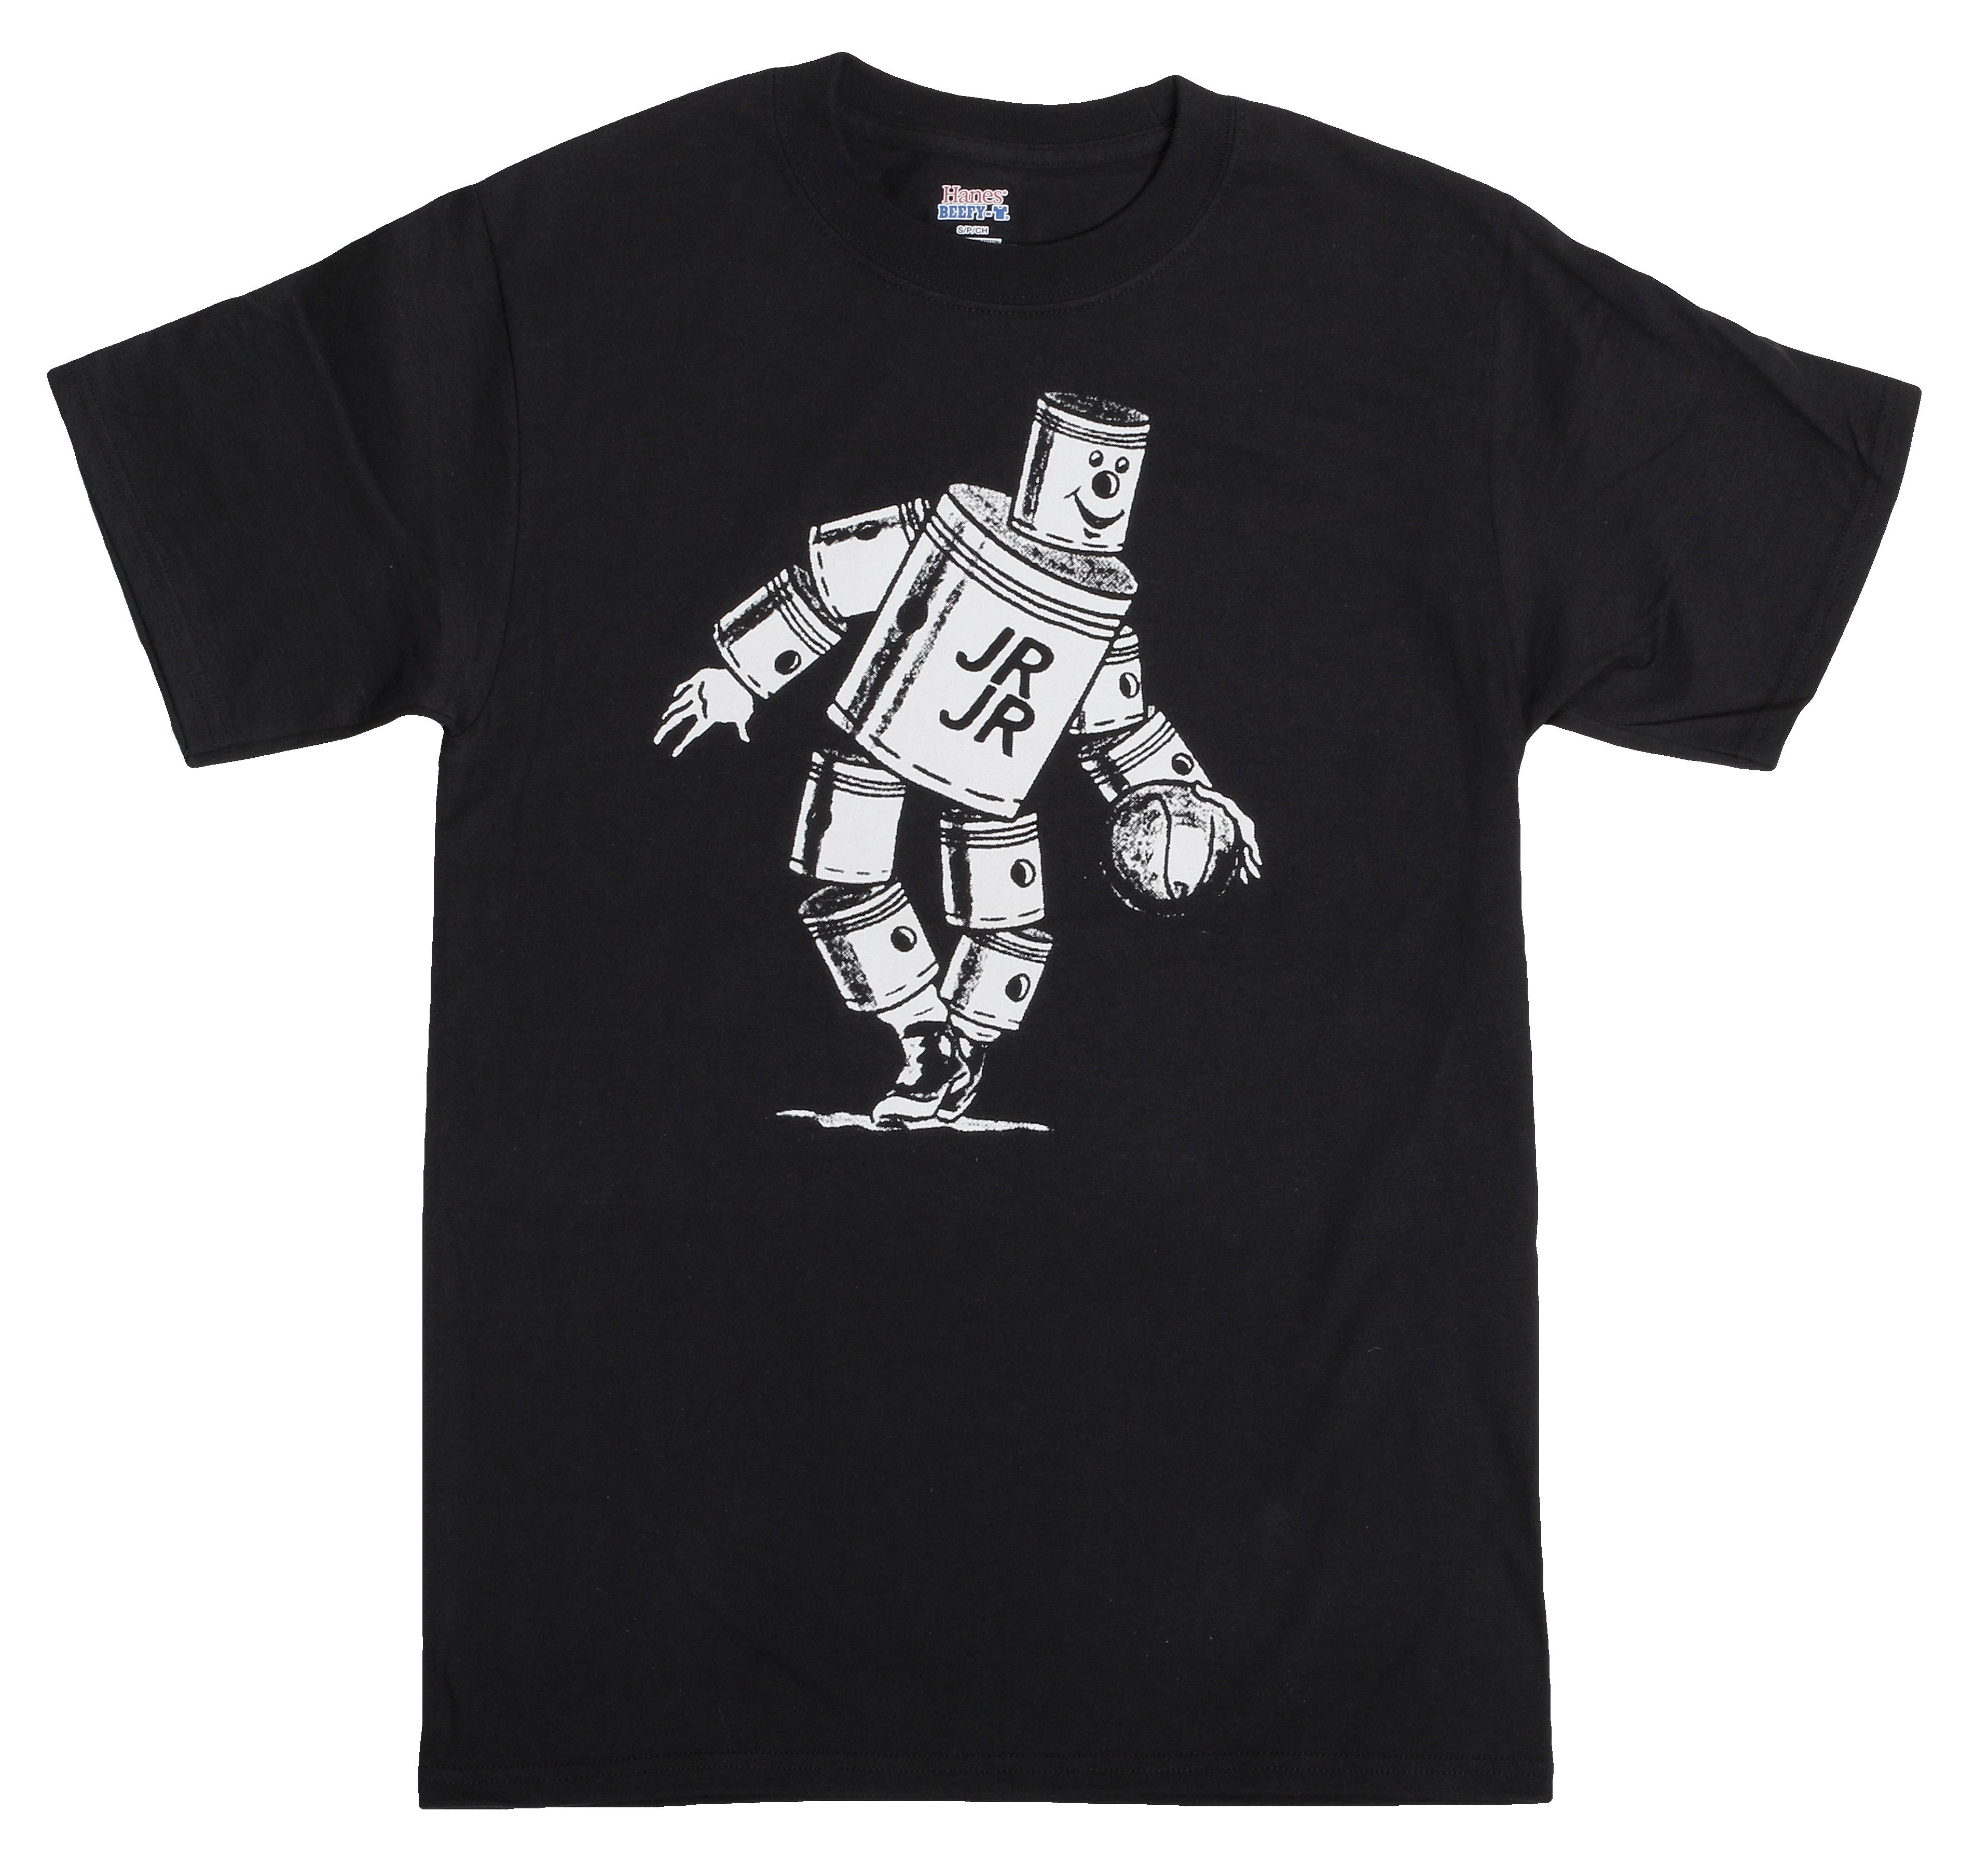 Deeeeetroit Baaaasketballll - T-shirt - JR JR